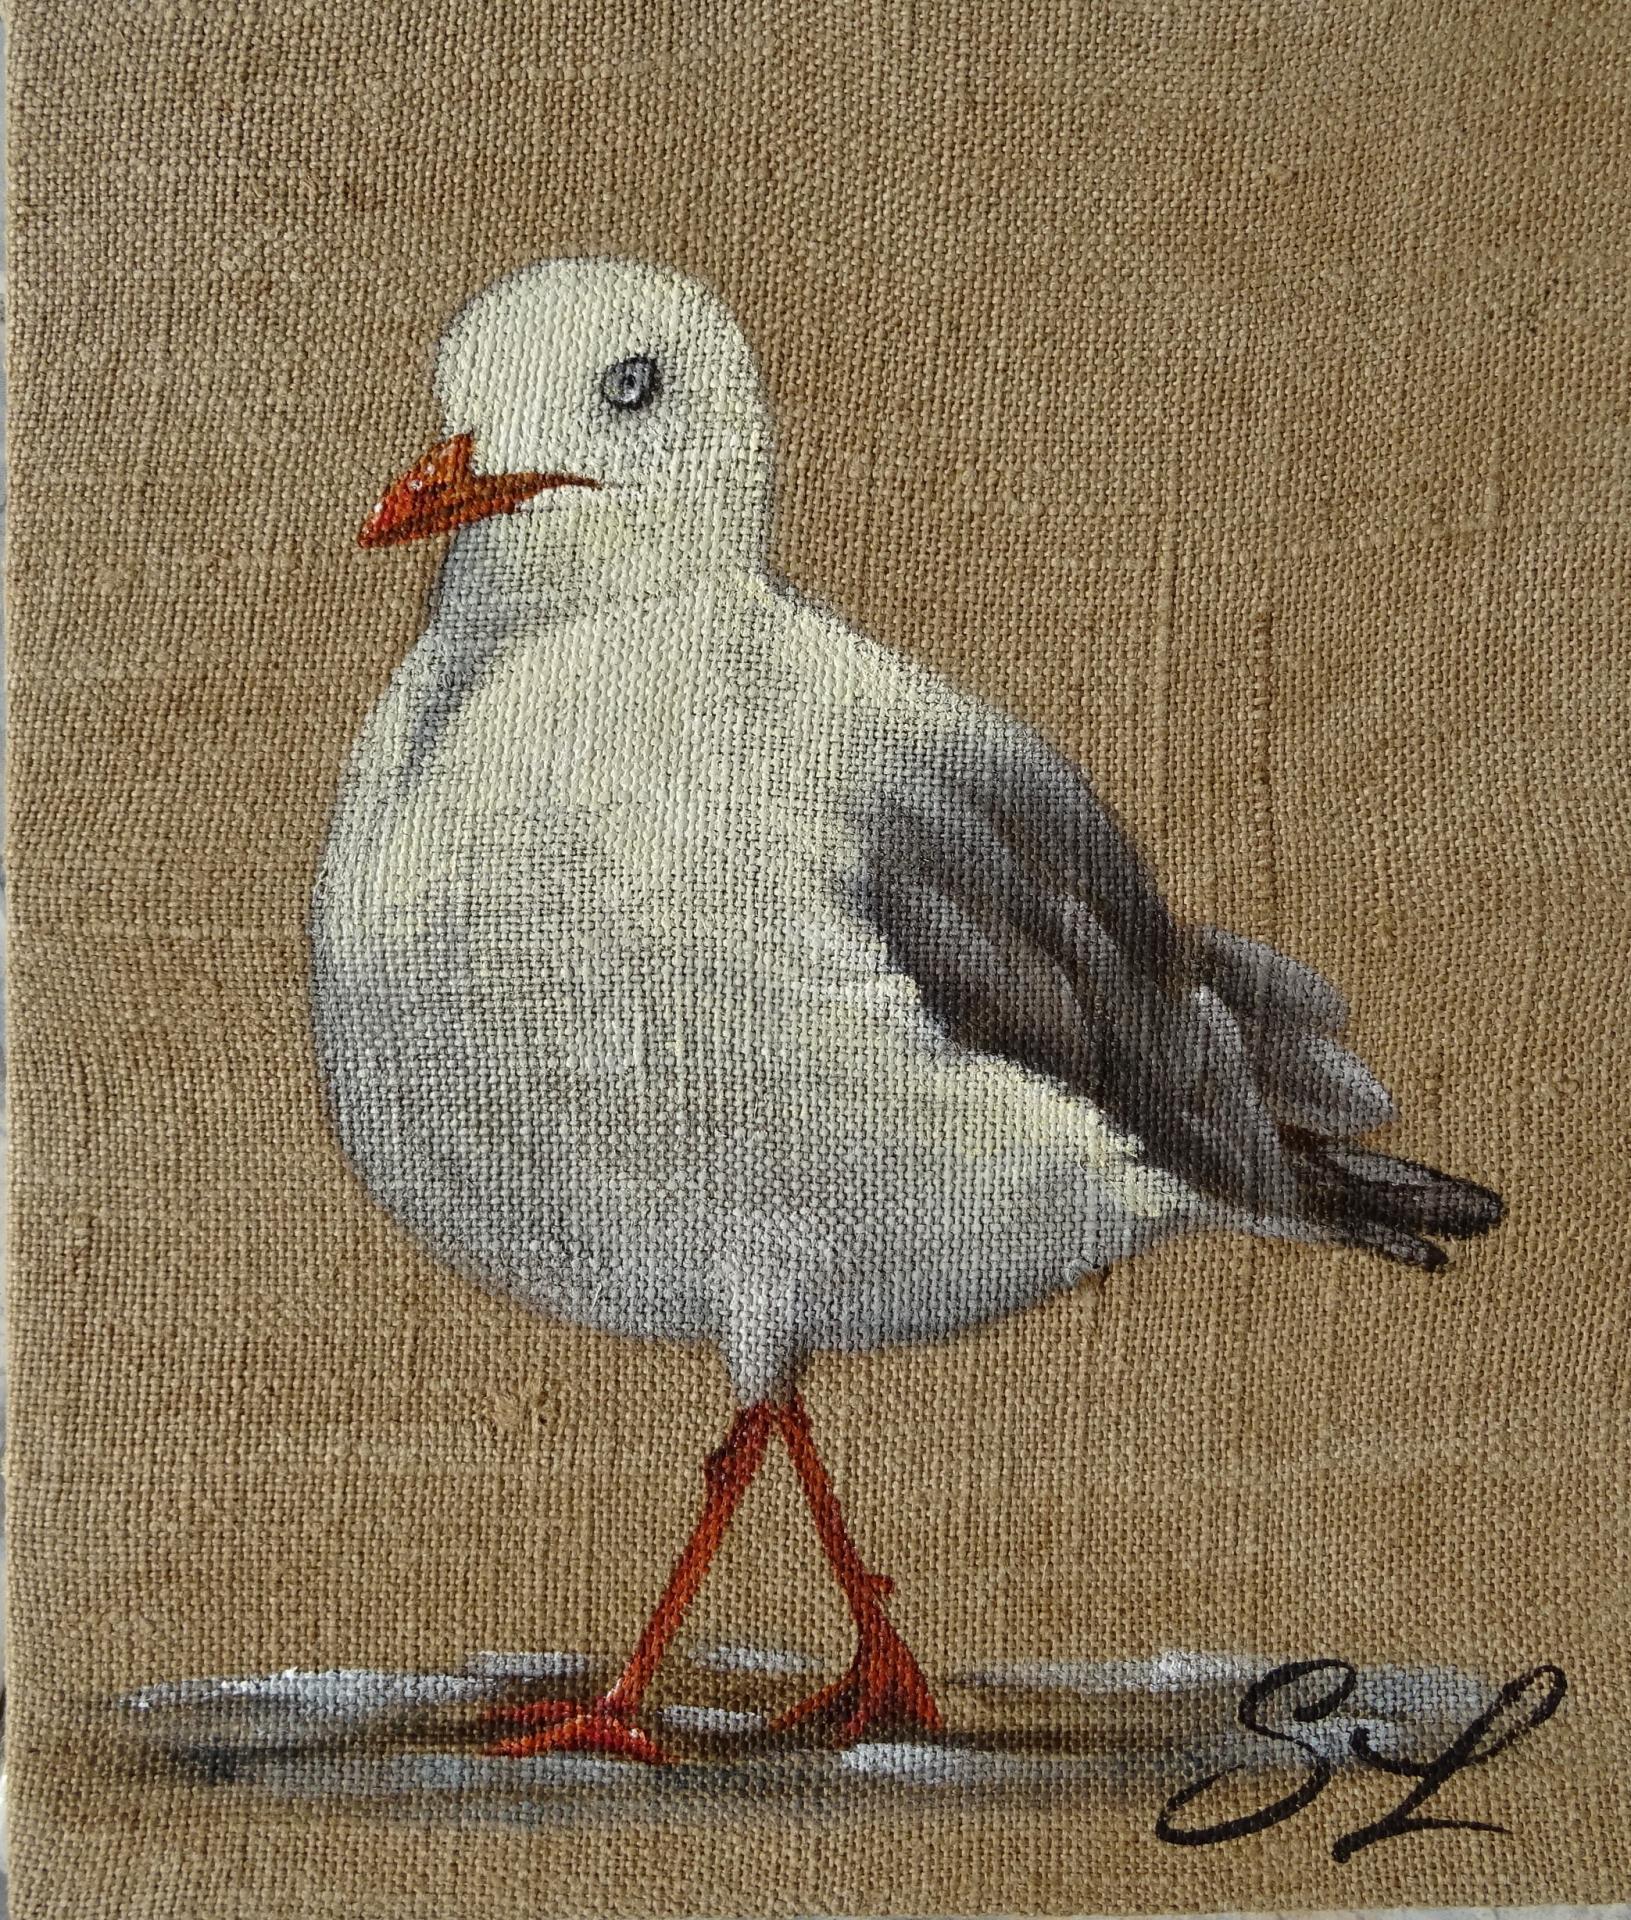 Mouette sylvie leau artiste peintre ile de re peinture sur toile de jute